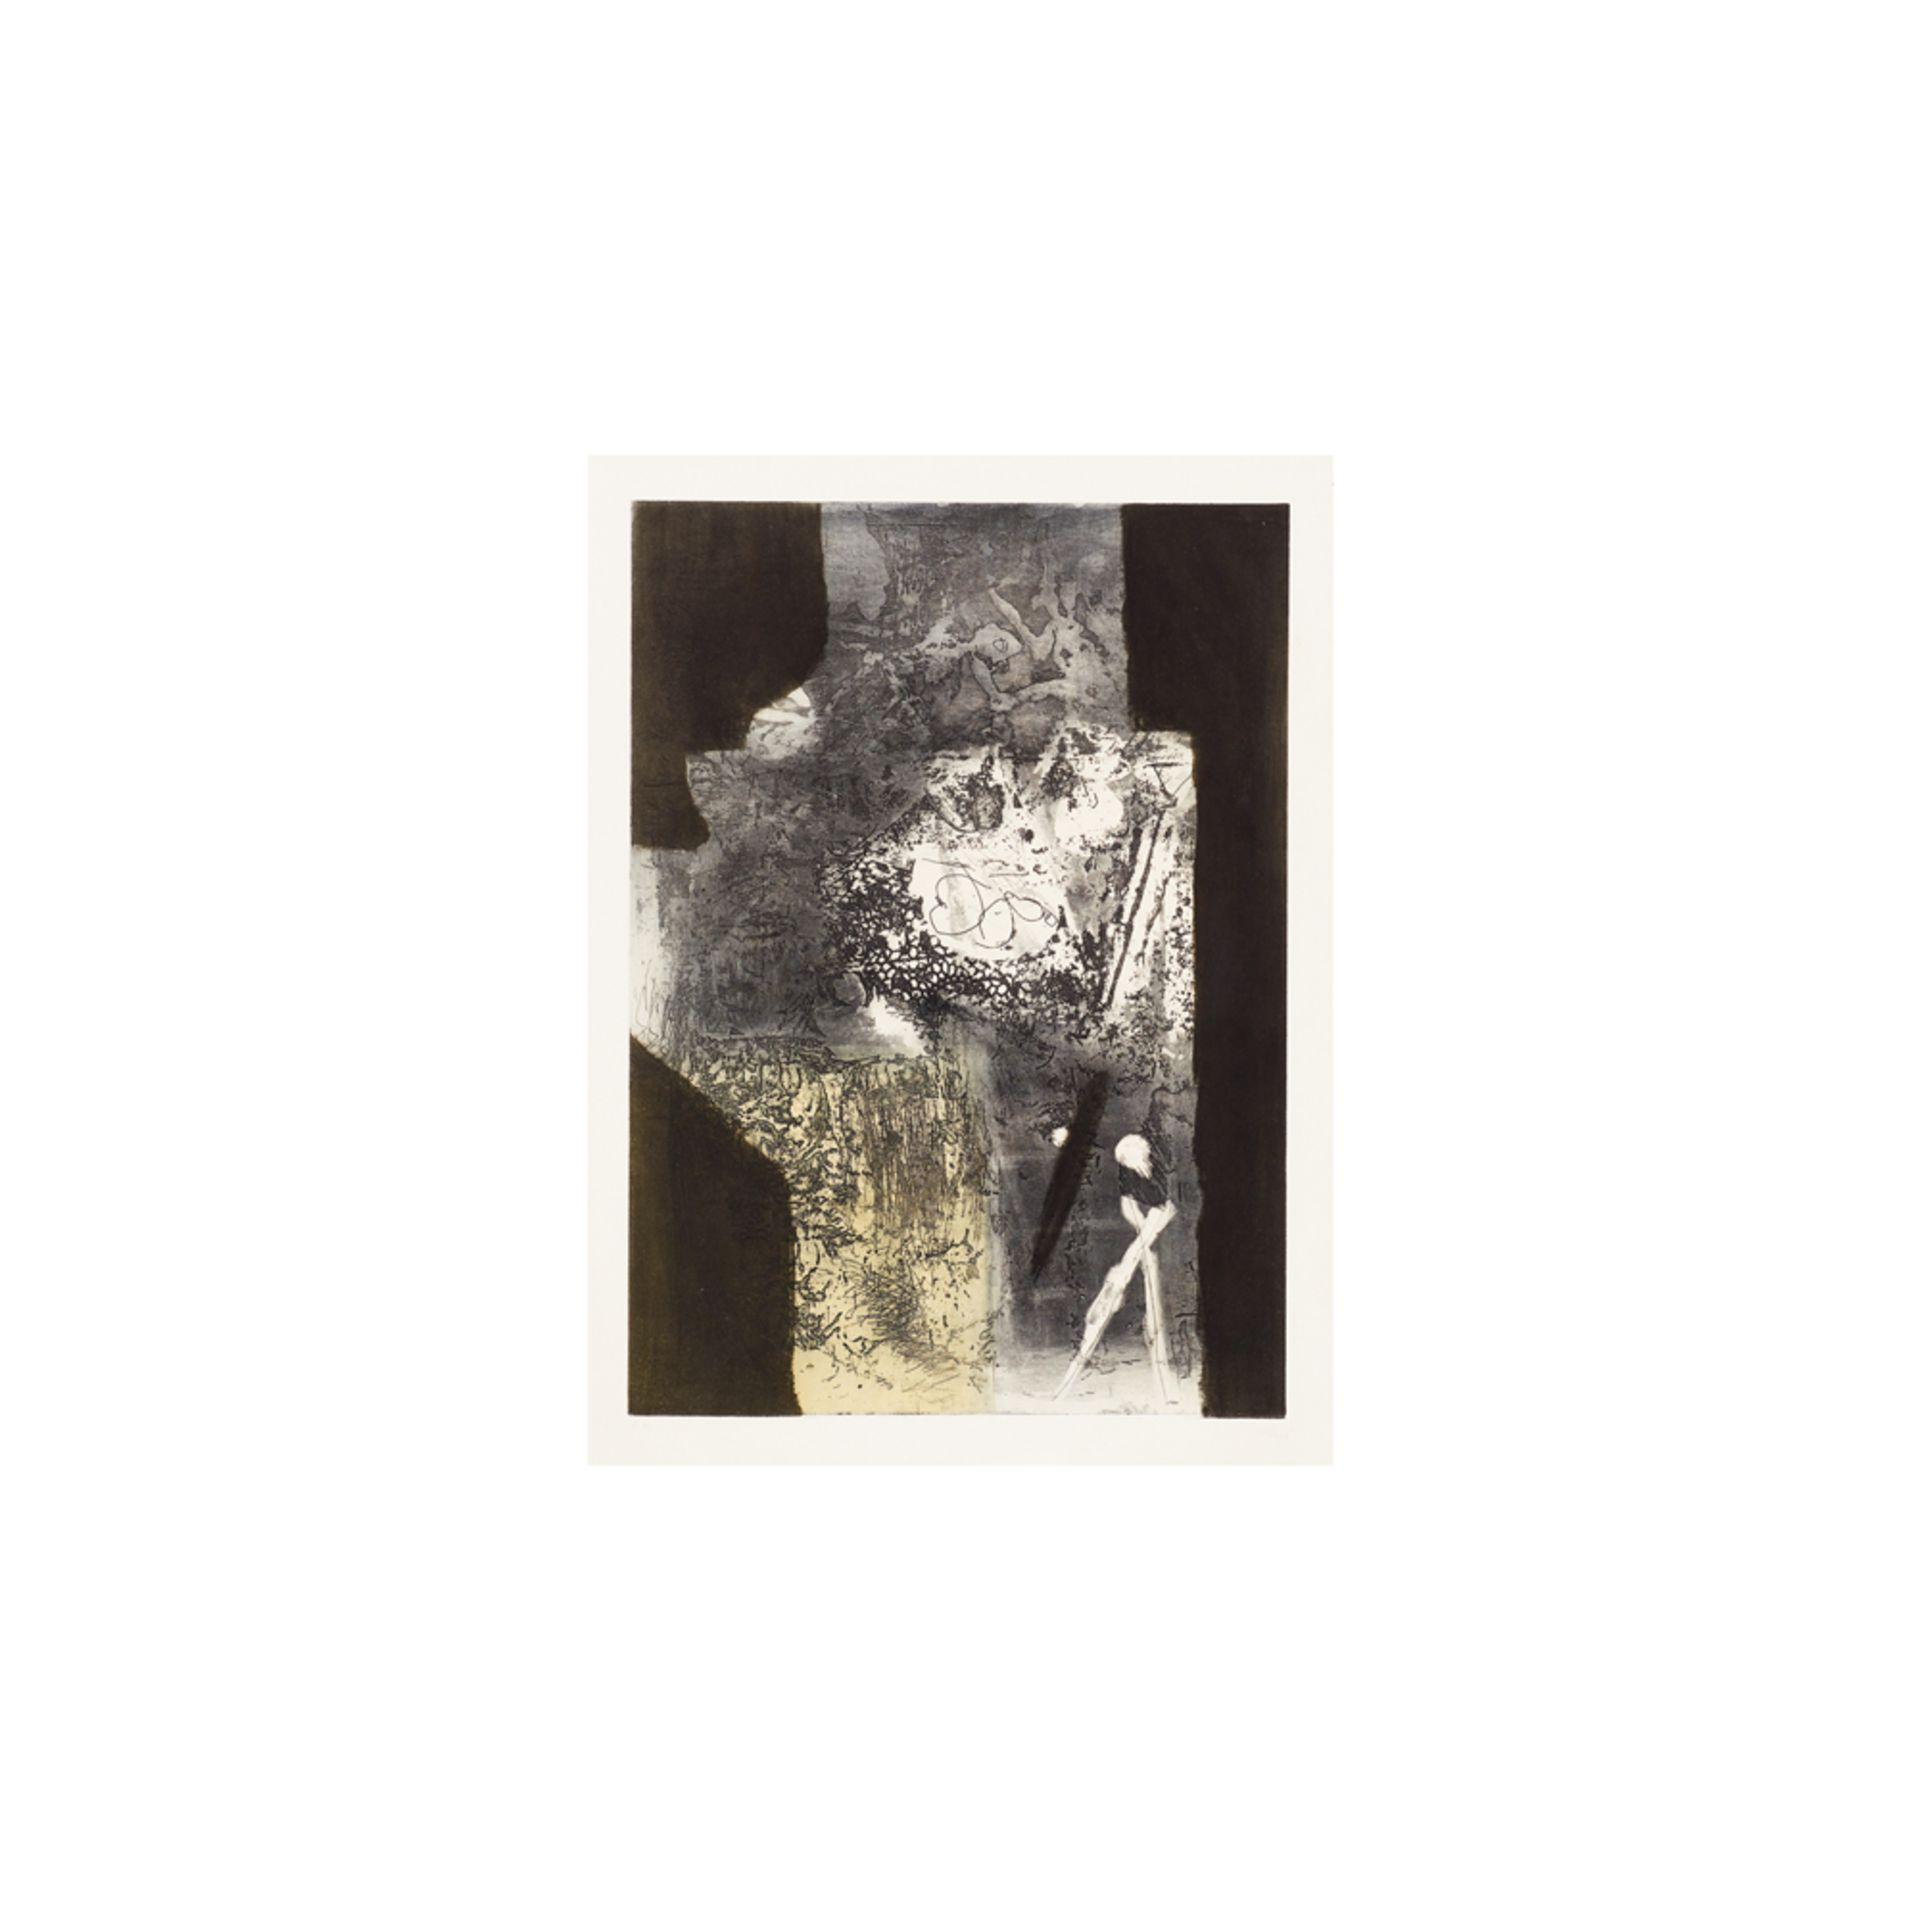 Los 39 - Antoni Clavé. Composición. Grabado.